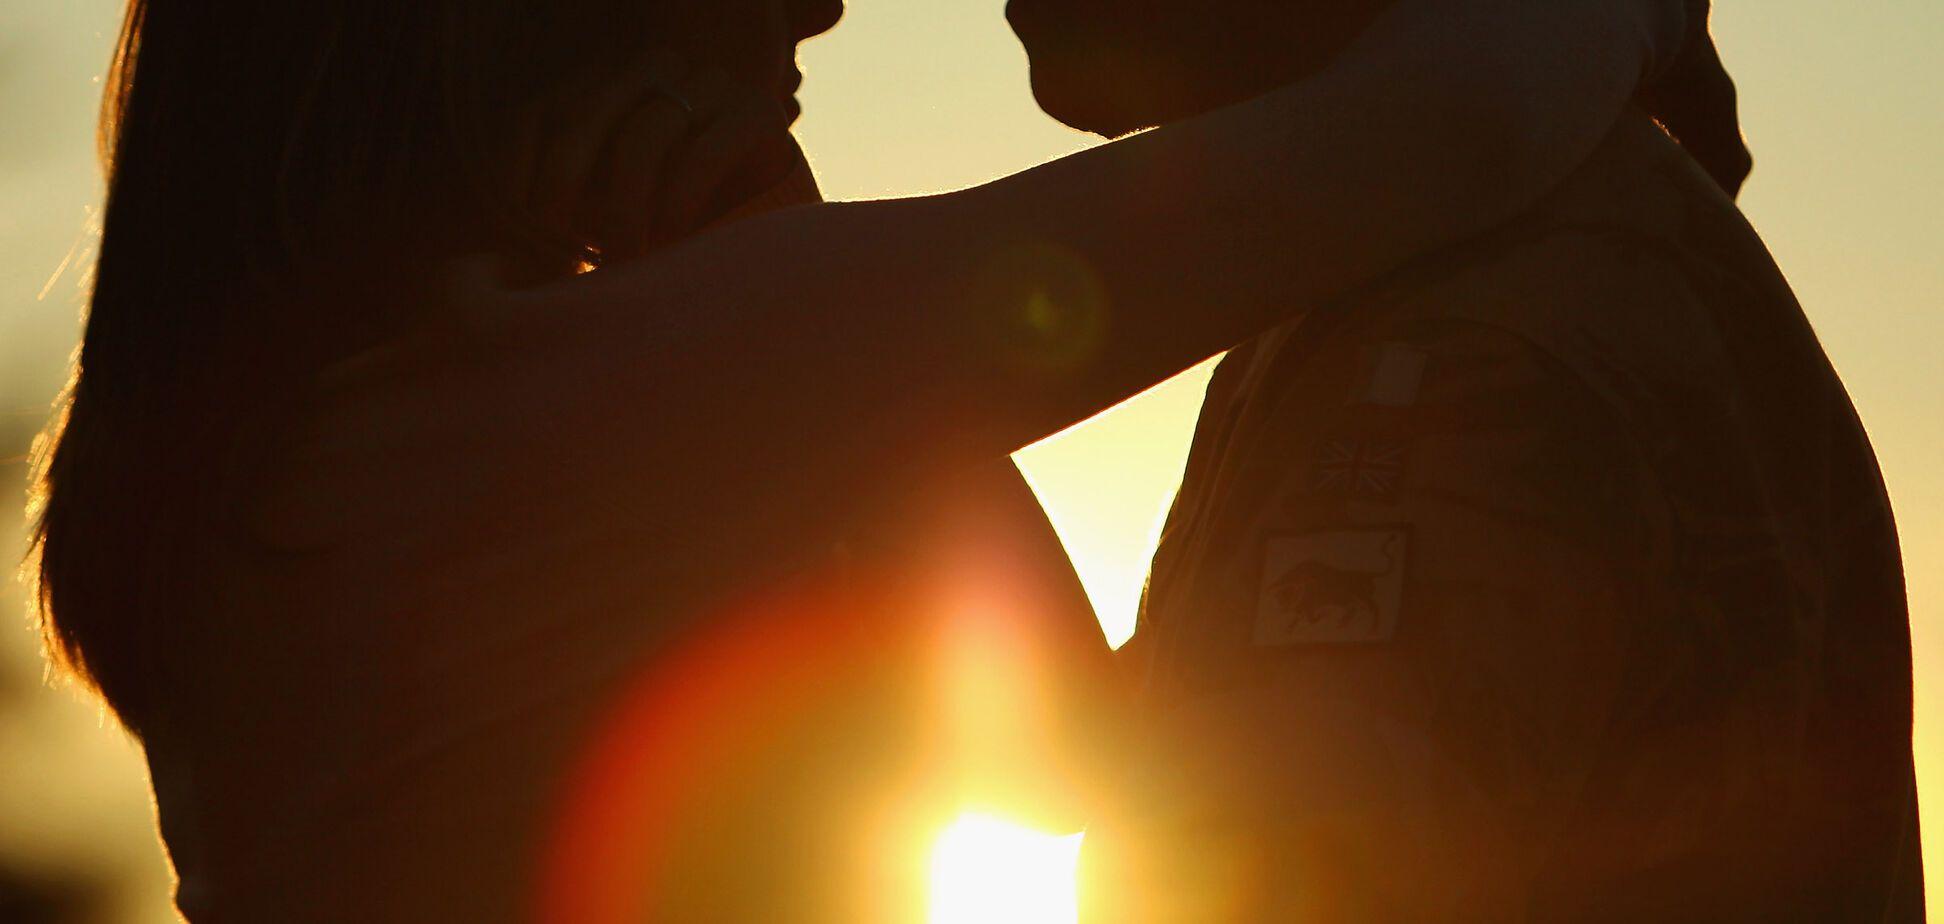 10 факторов, которые разрушают даже самую сильную любовь